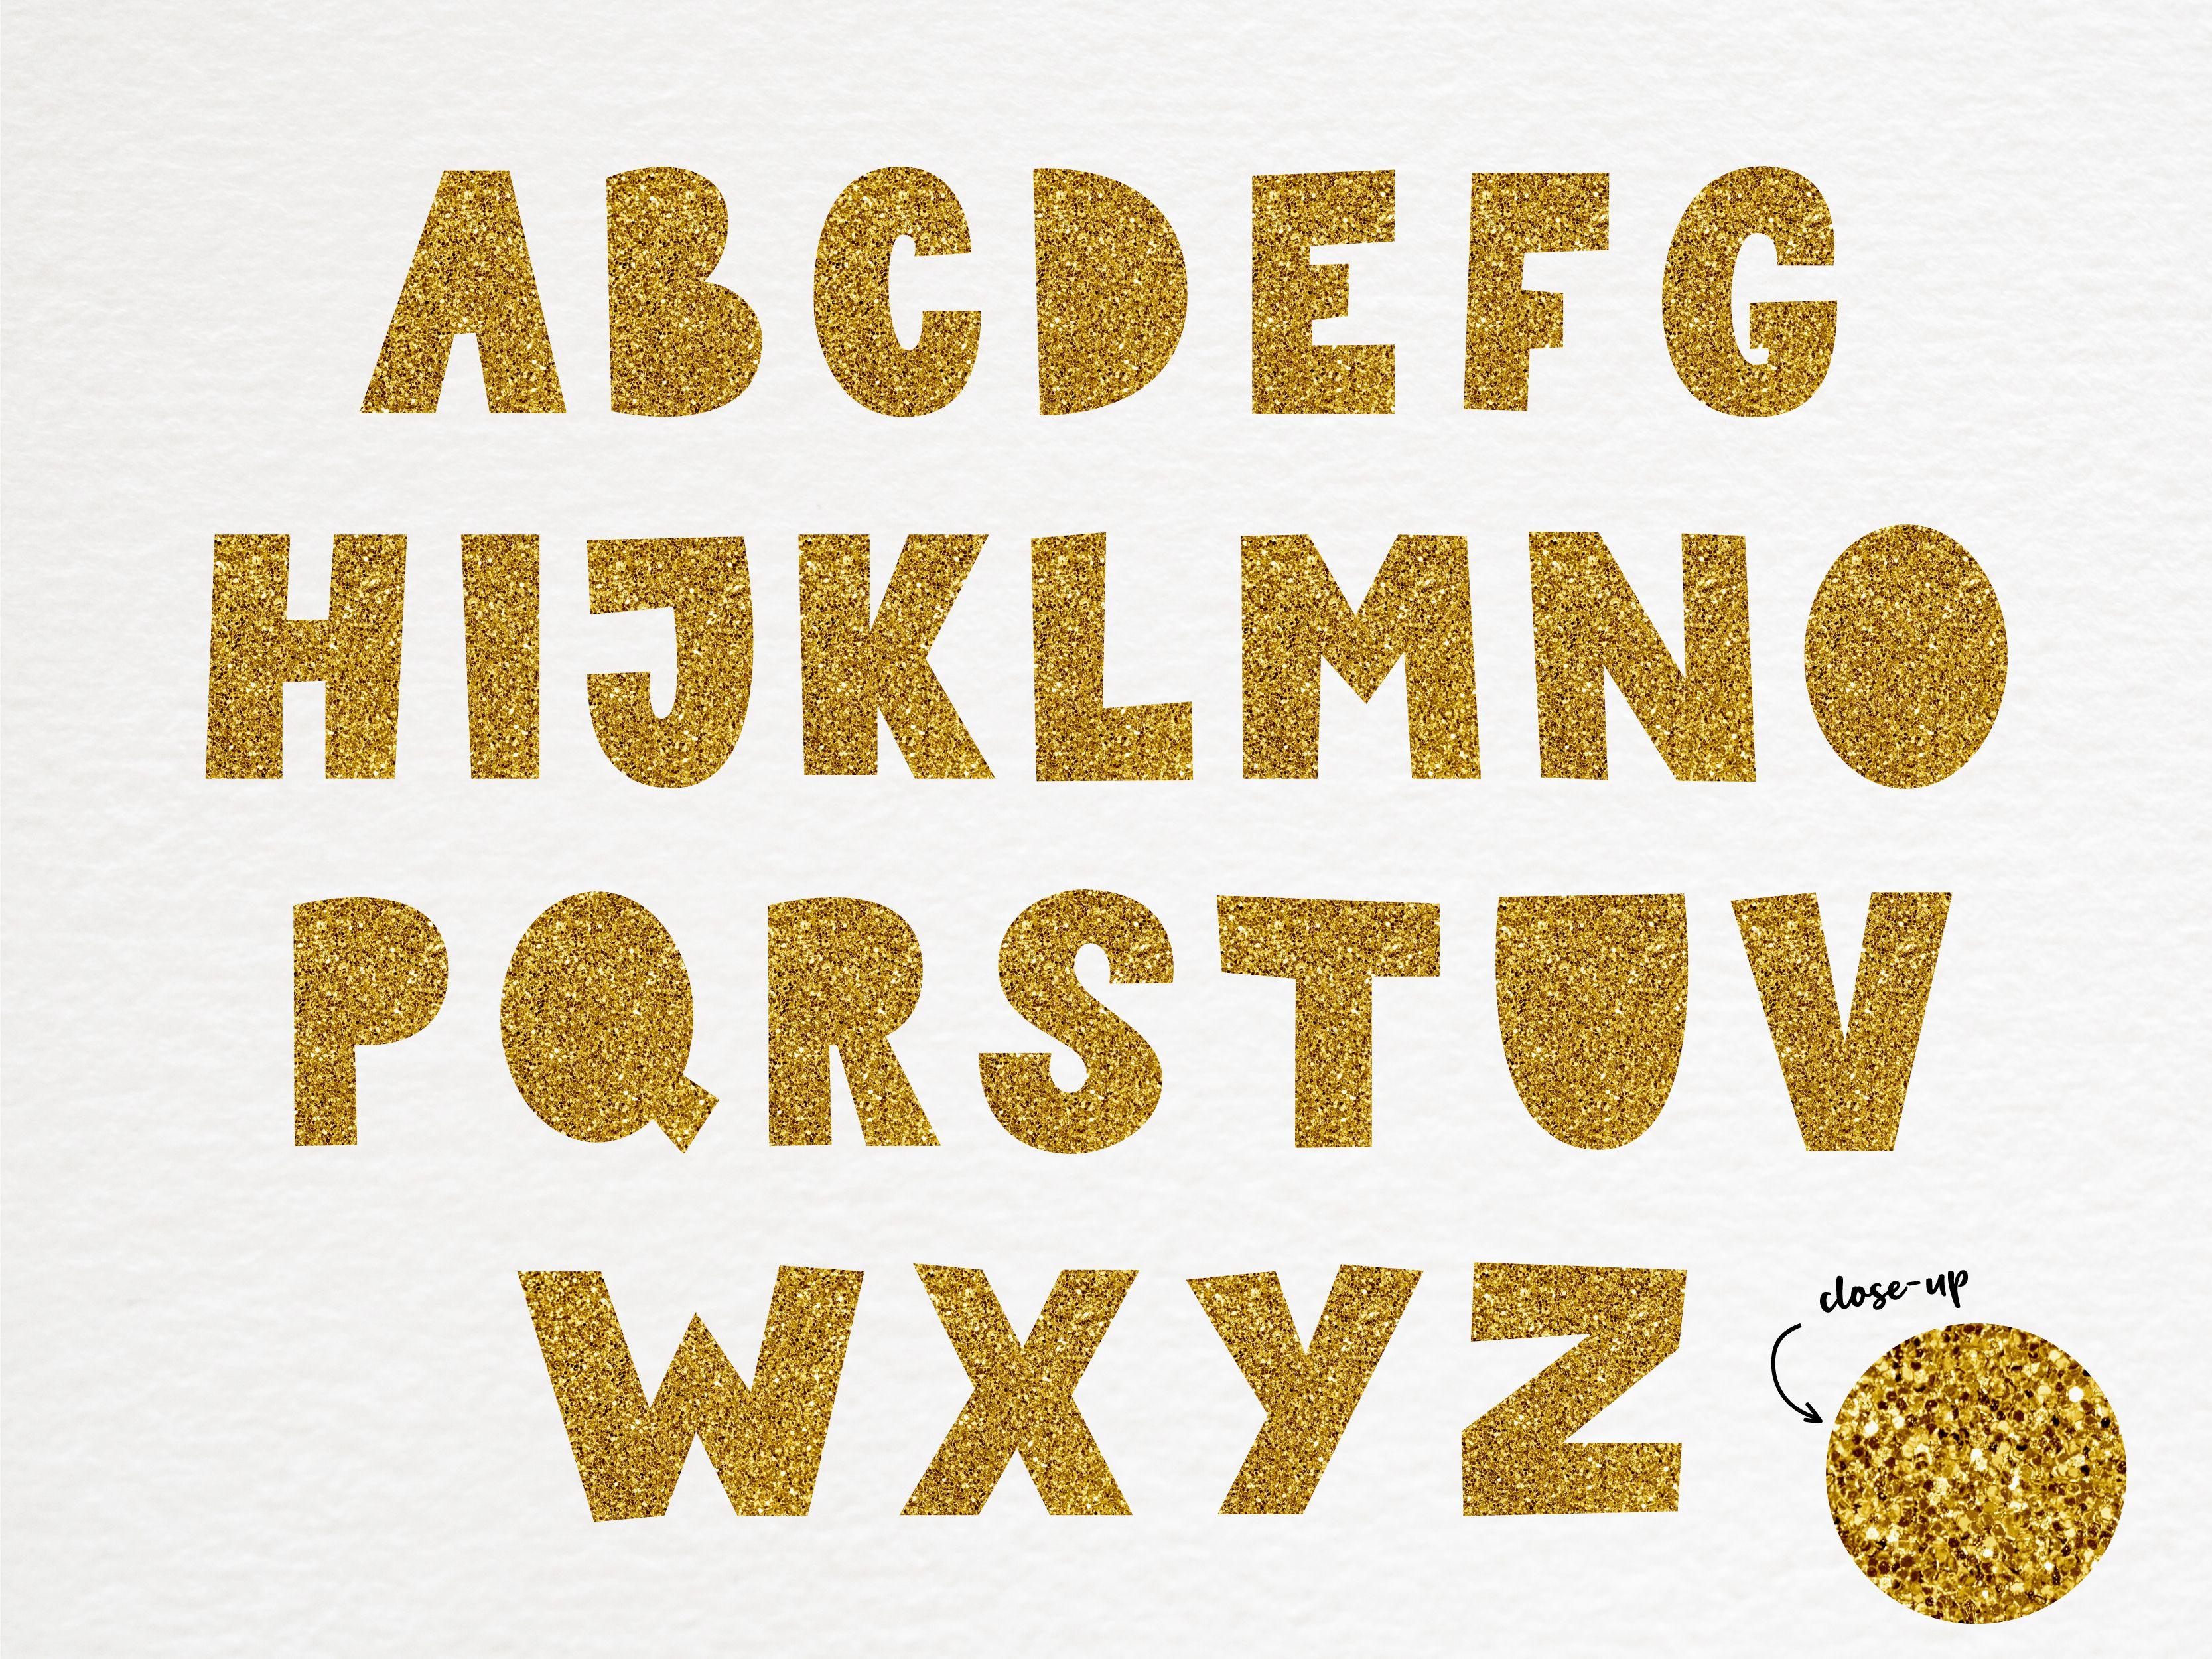 Rose Gold Glitter Alphabet Gold Glitter Letters Clipart And Etsy Glitter Letters Clip Art Digital Alphabet